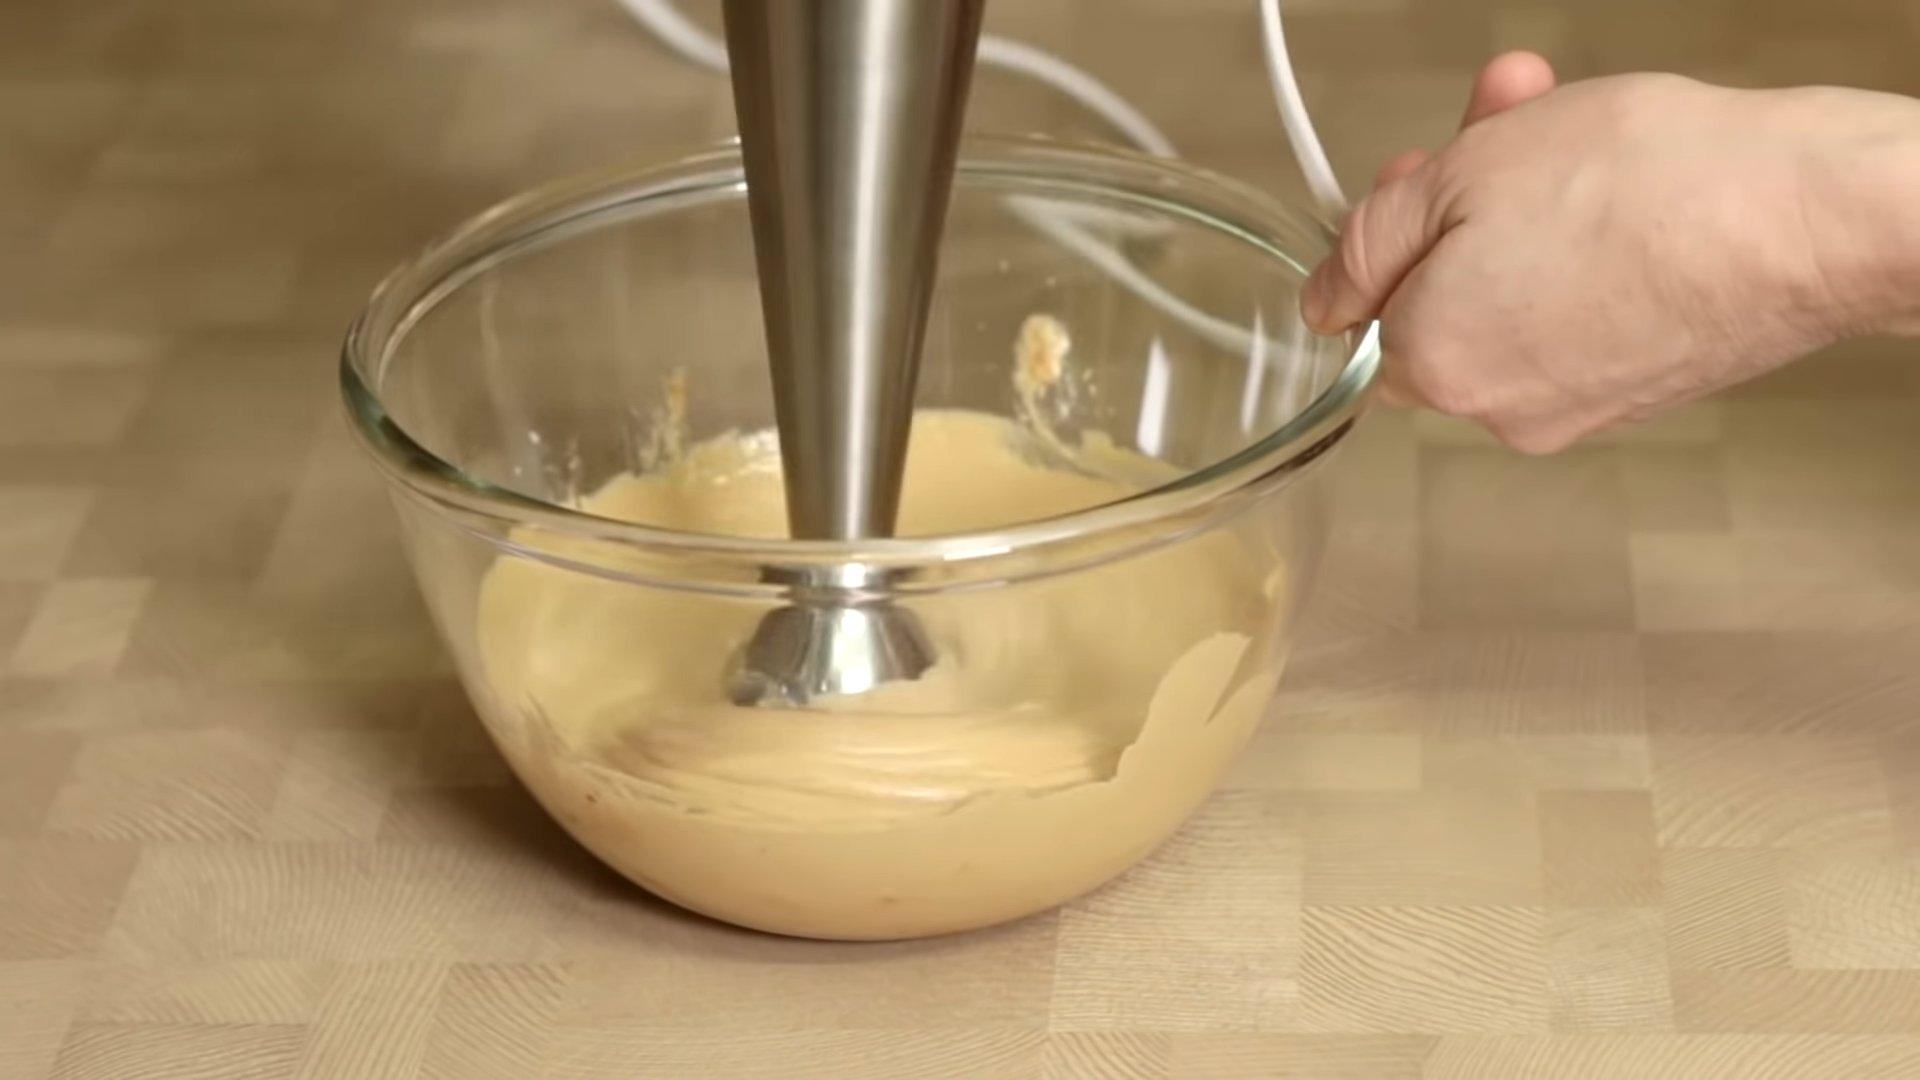 Рецепт - Творожный крем для «Наполеона» - шаг 3.1